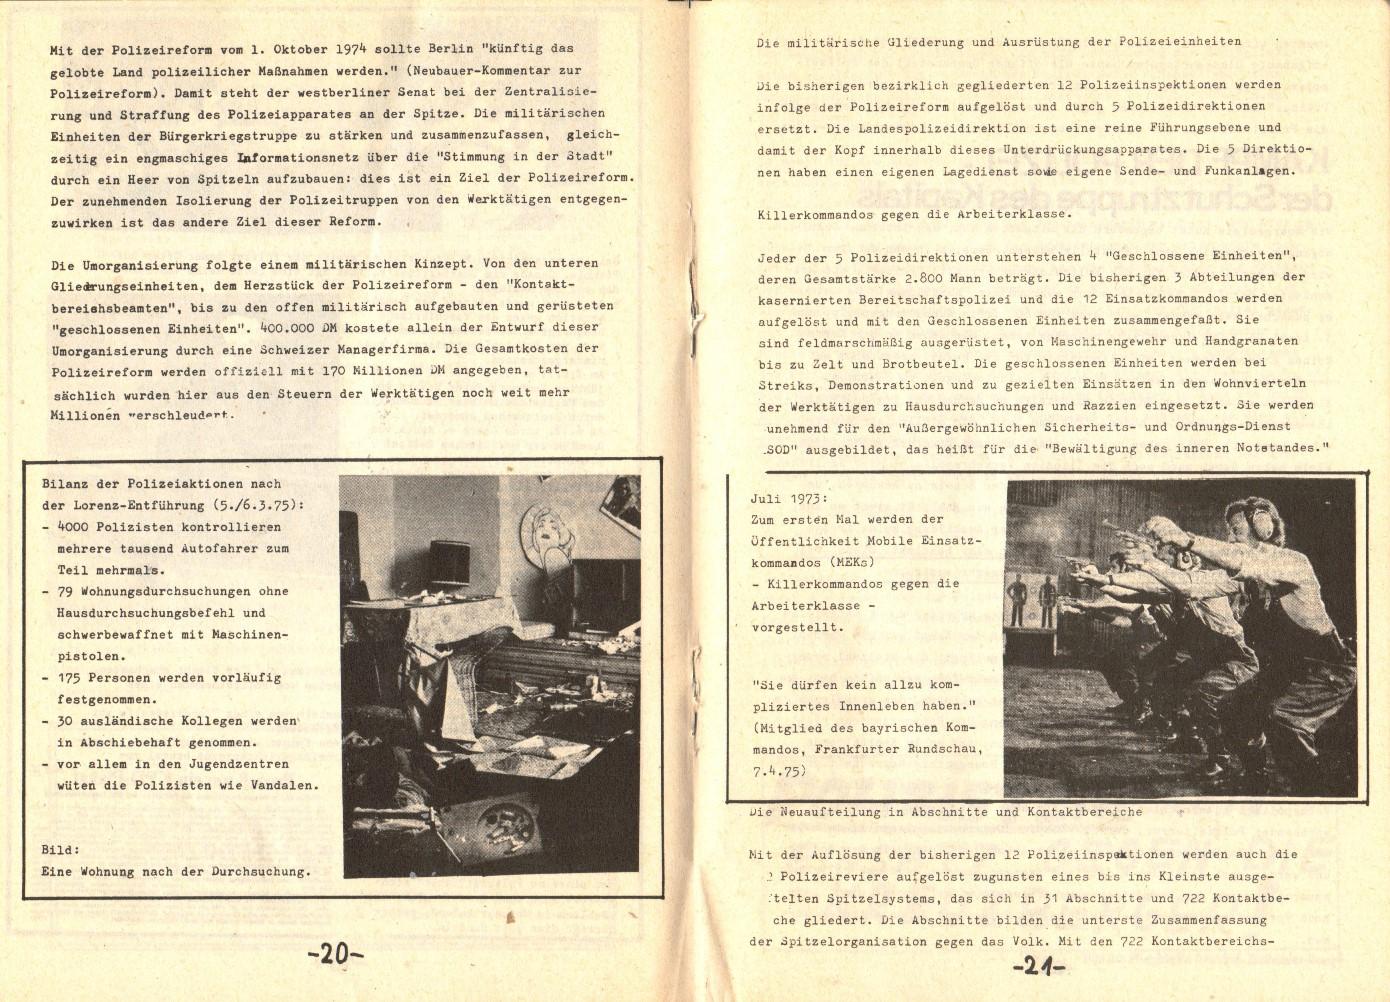 Berlin_KPD_1976_Staatsschutzprozess_12